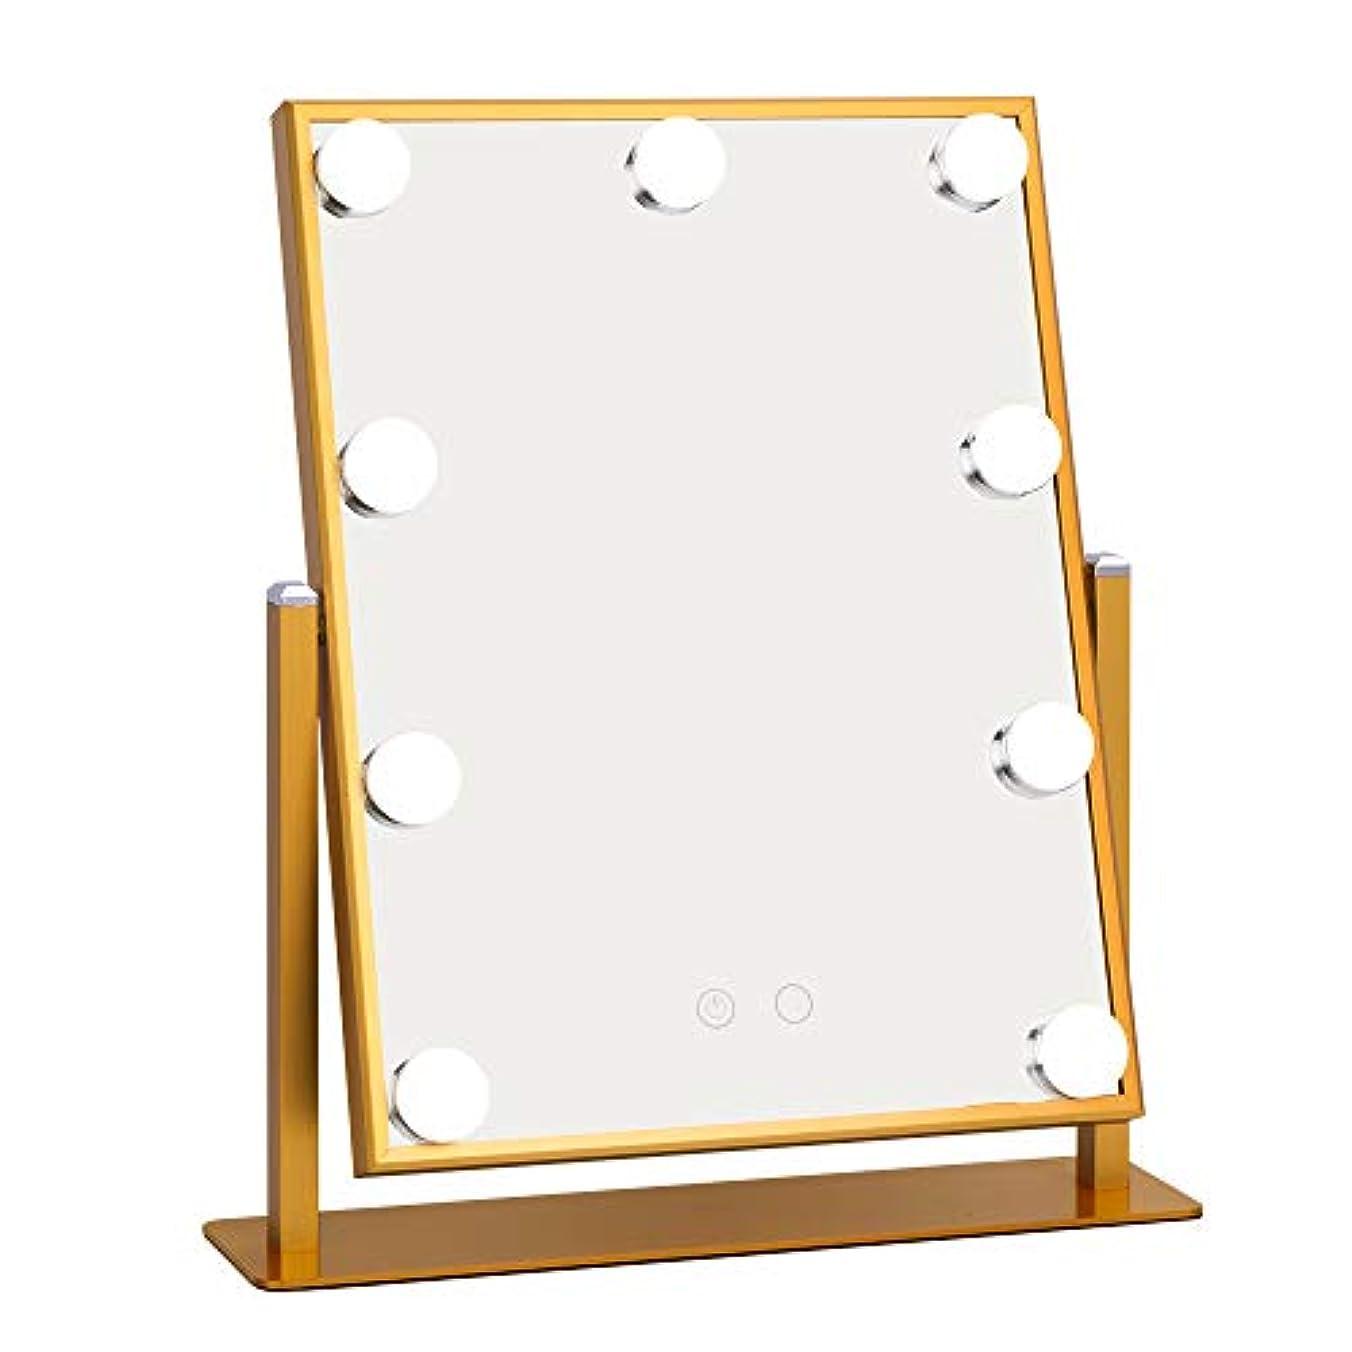 金銭的掃く予測子BEAUTME 女優ミラー 化粧鏡 ハリウッドミラー LED電球9個付き 2種ライトモード 明るさ調整可能 光量メモリー 360度回転 卓上 メイクミラー ドレッサーや化粧台に適用(ゴールド)